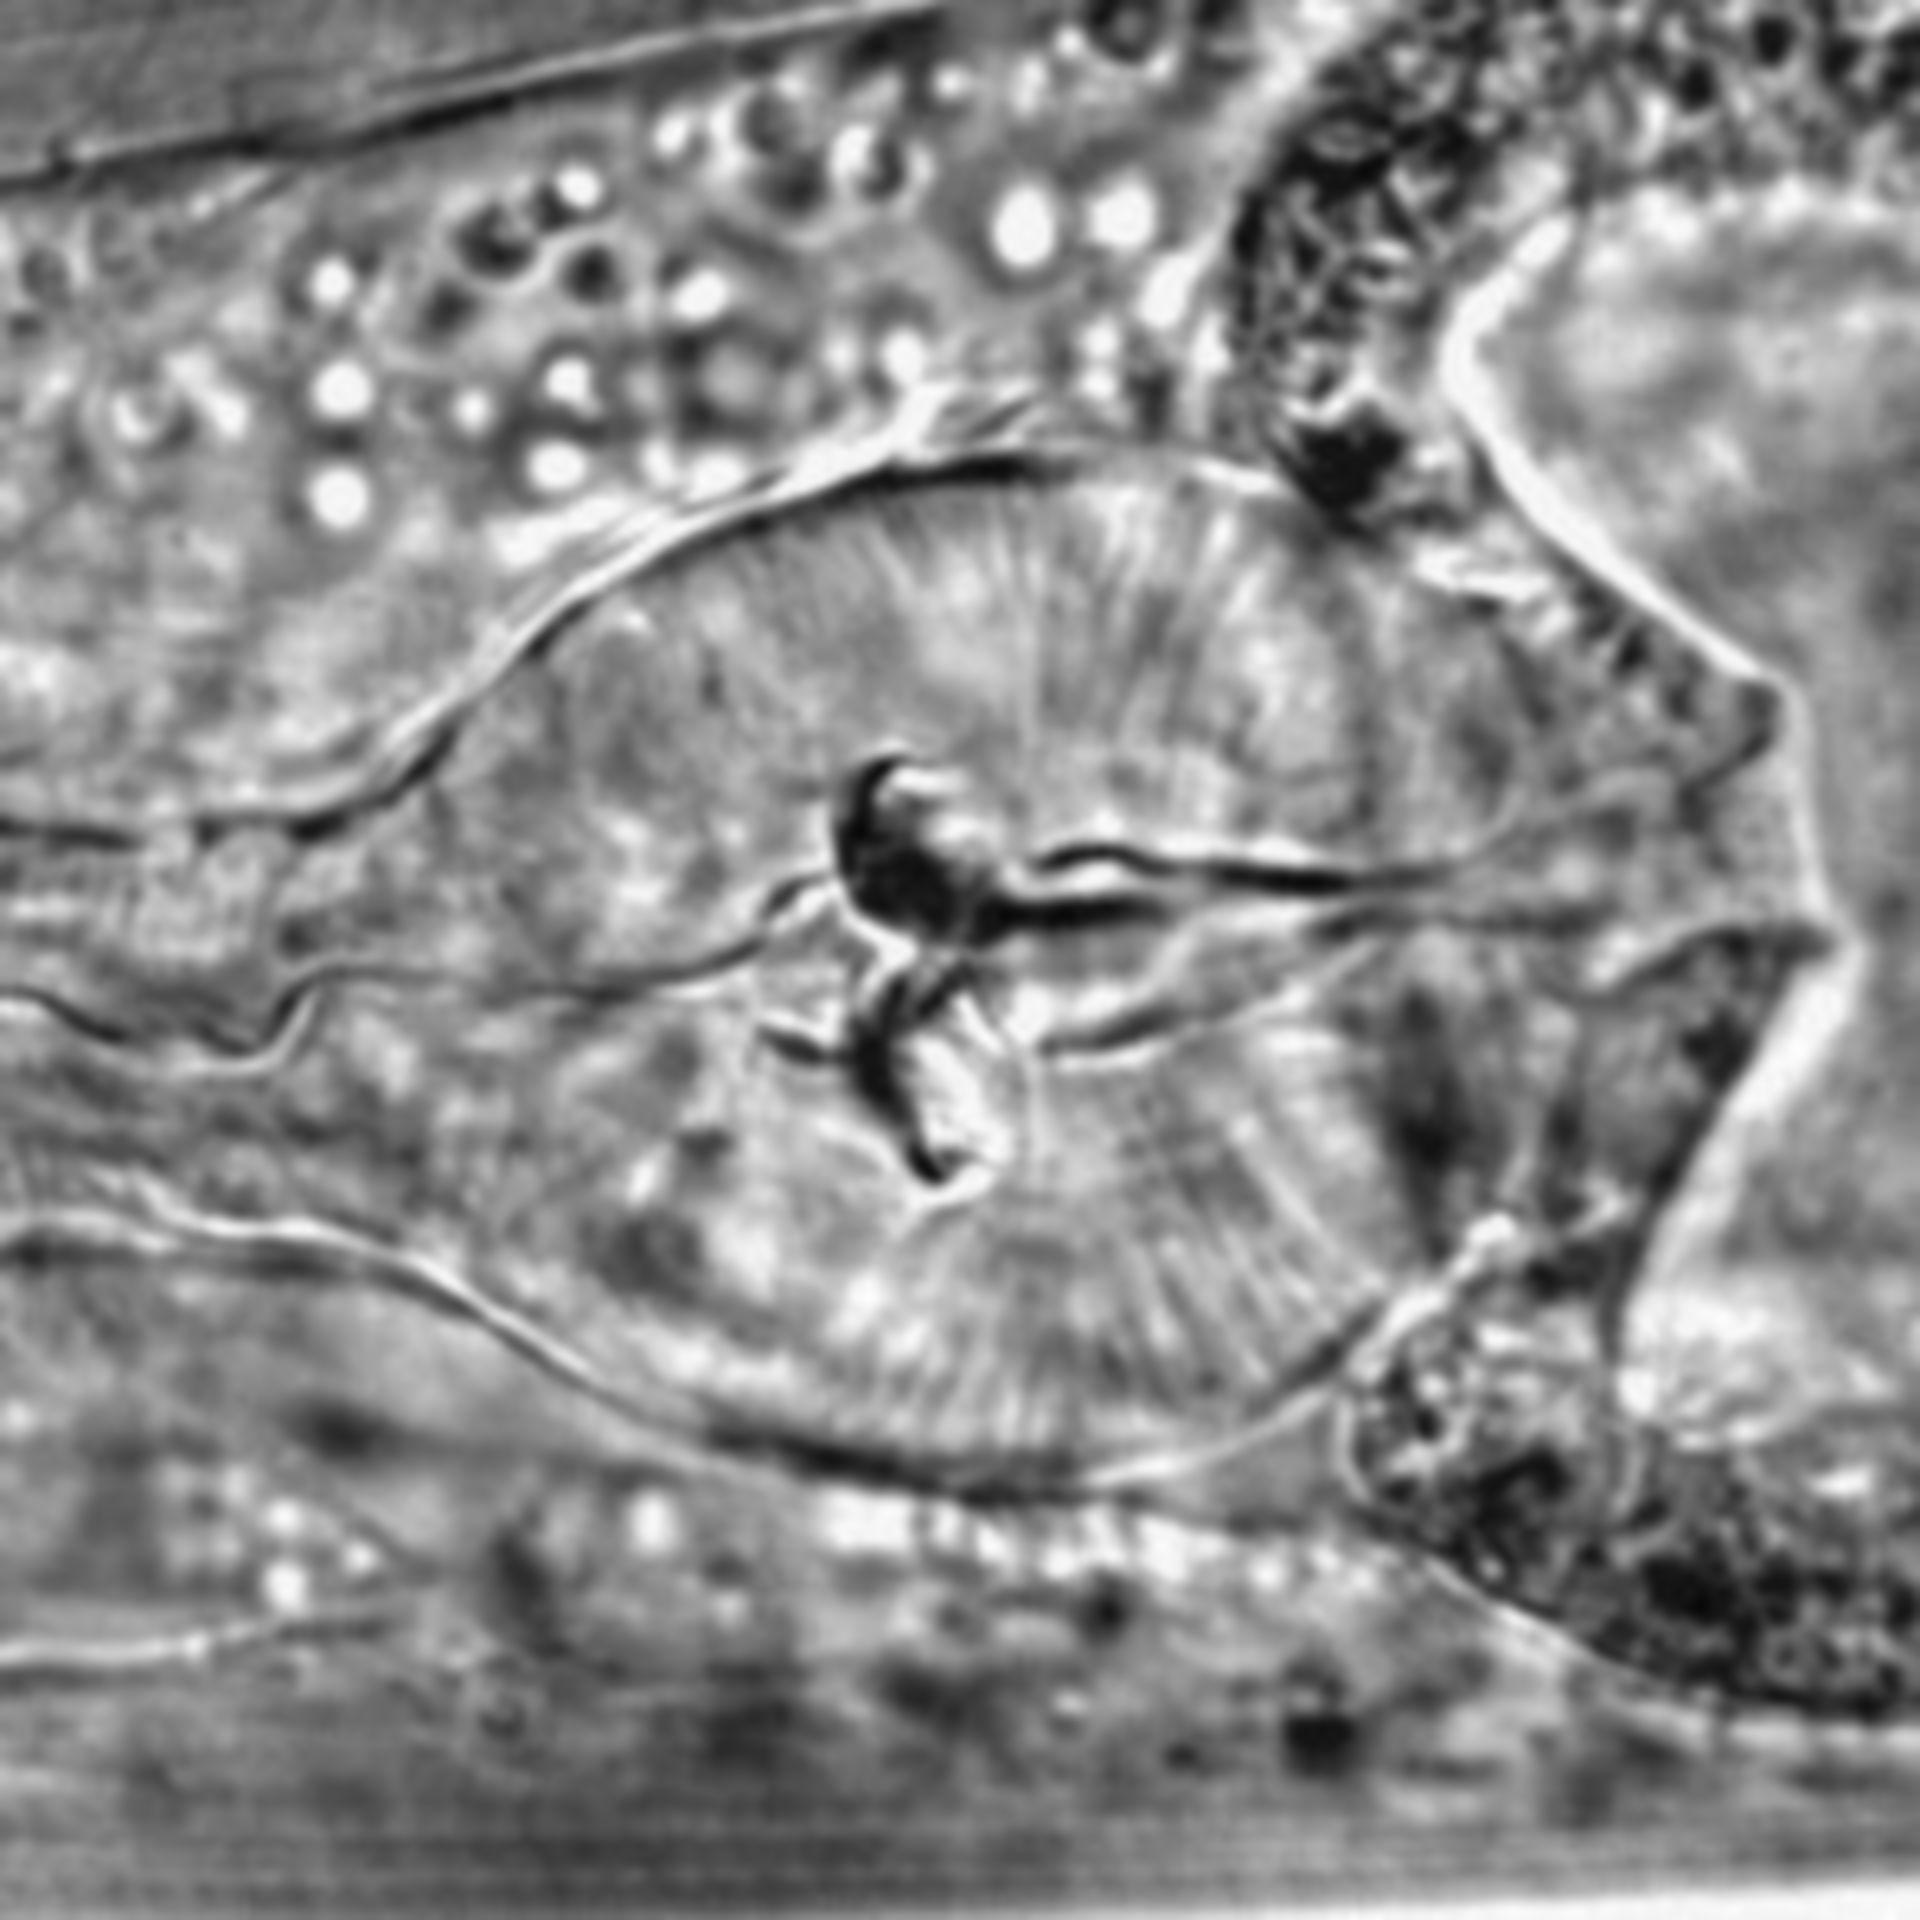 Caenorhabditis elegans - CIL:1633